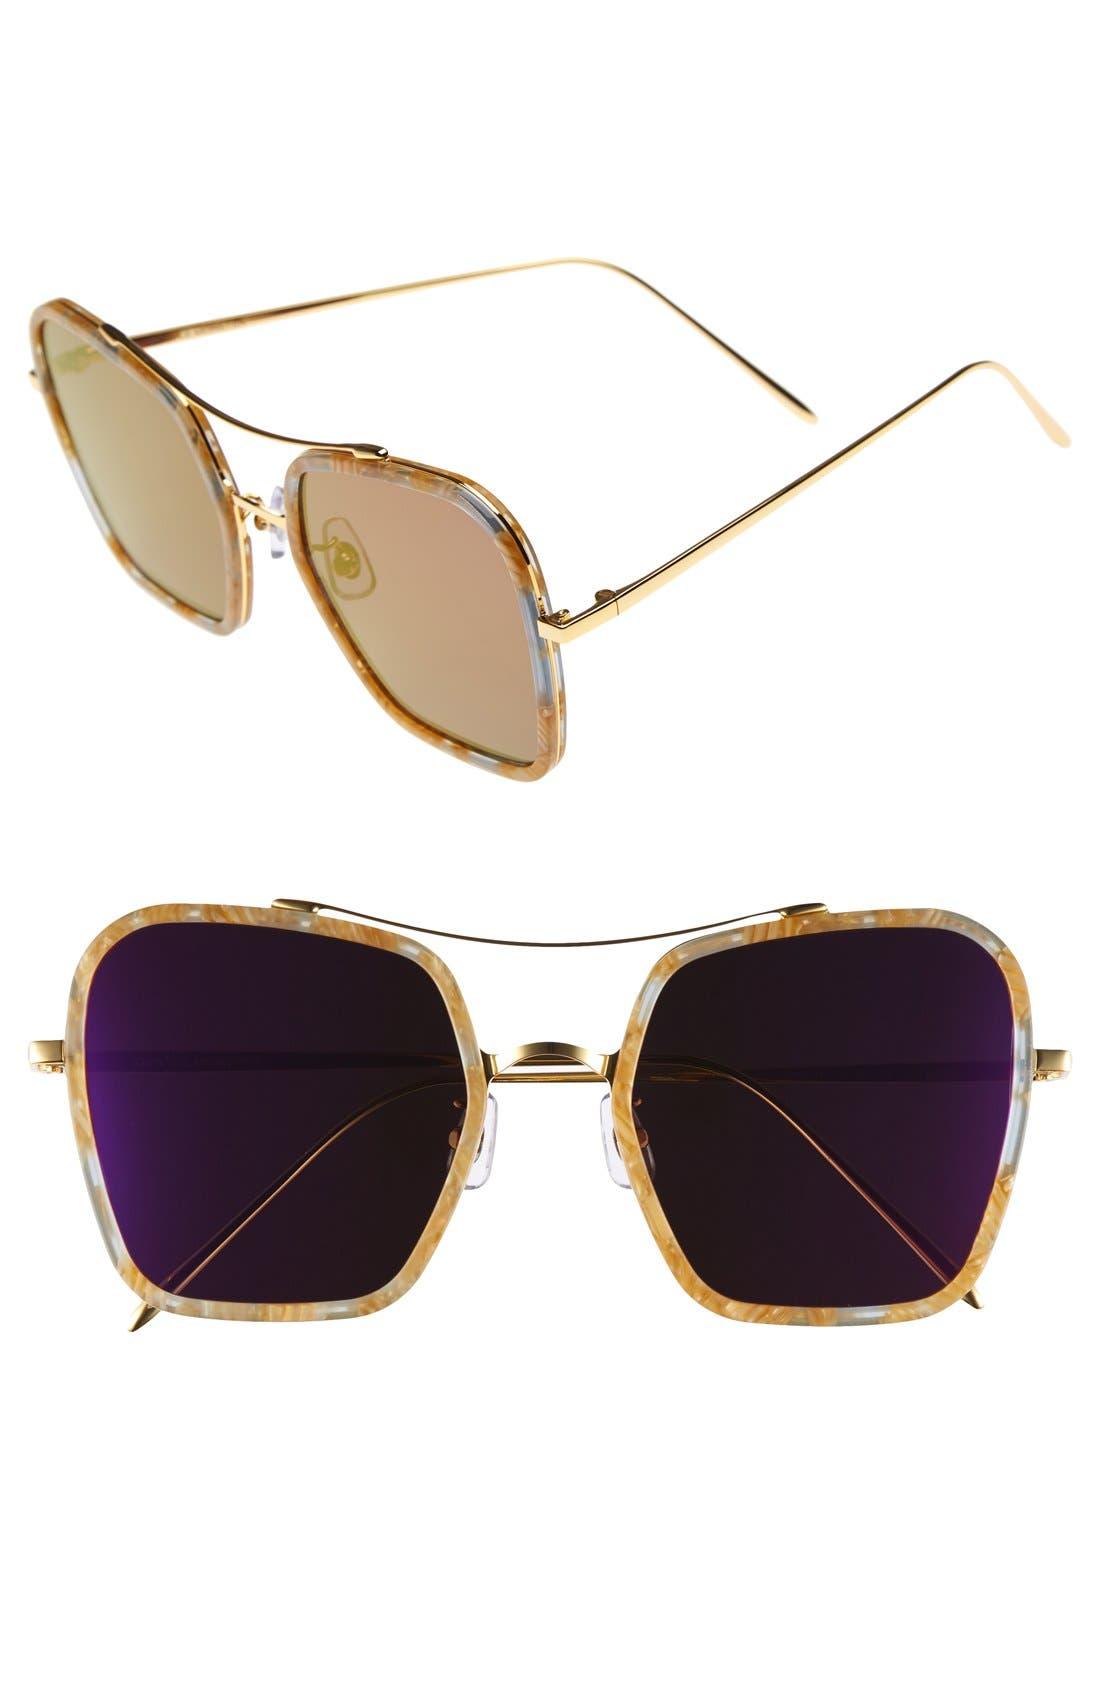 53mm Retro Square Sunglasses,                         Main,                         color, 200